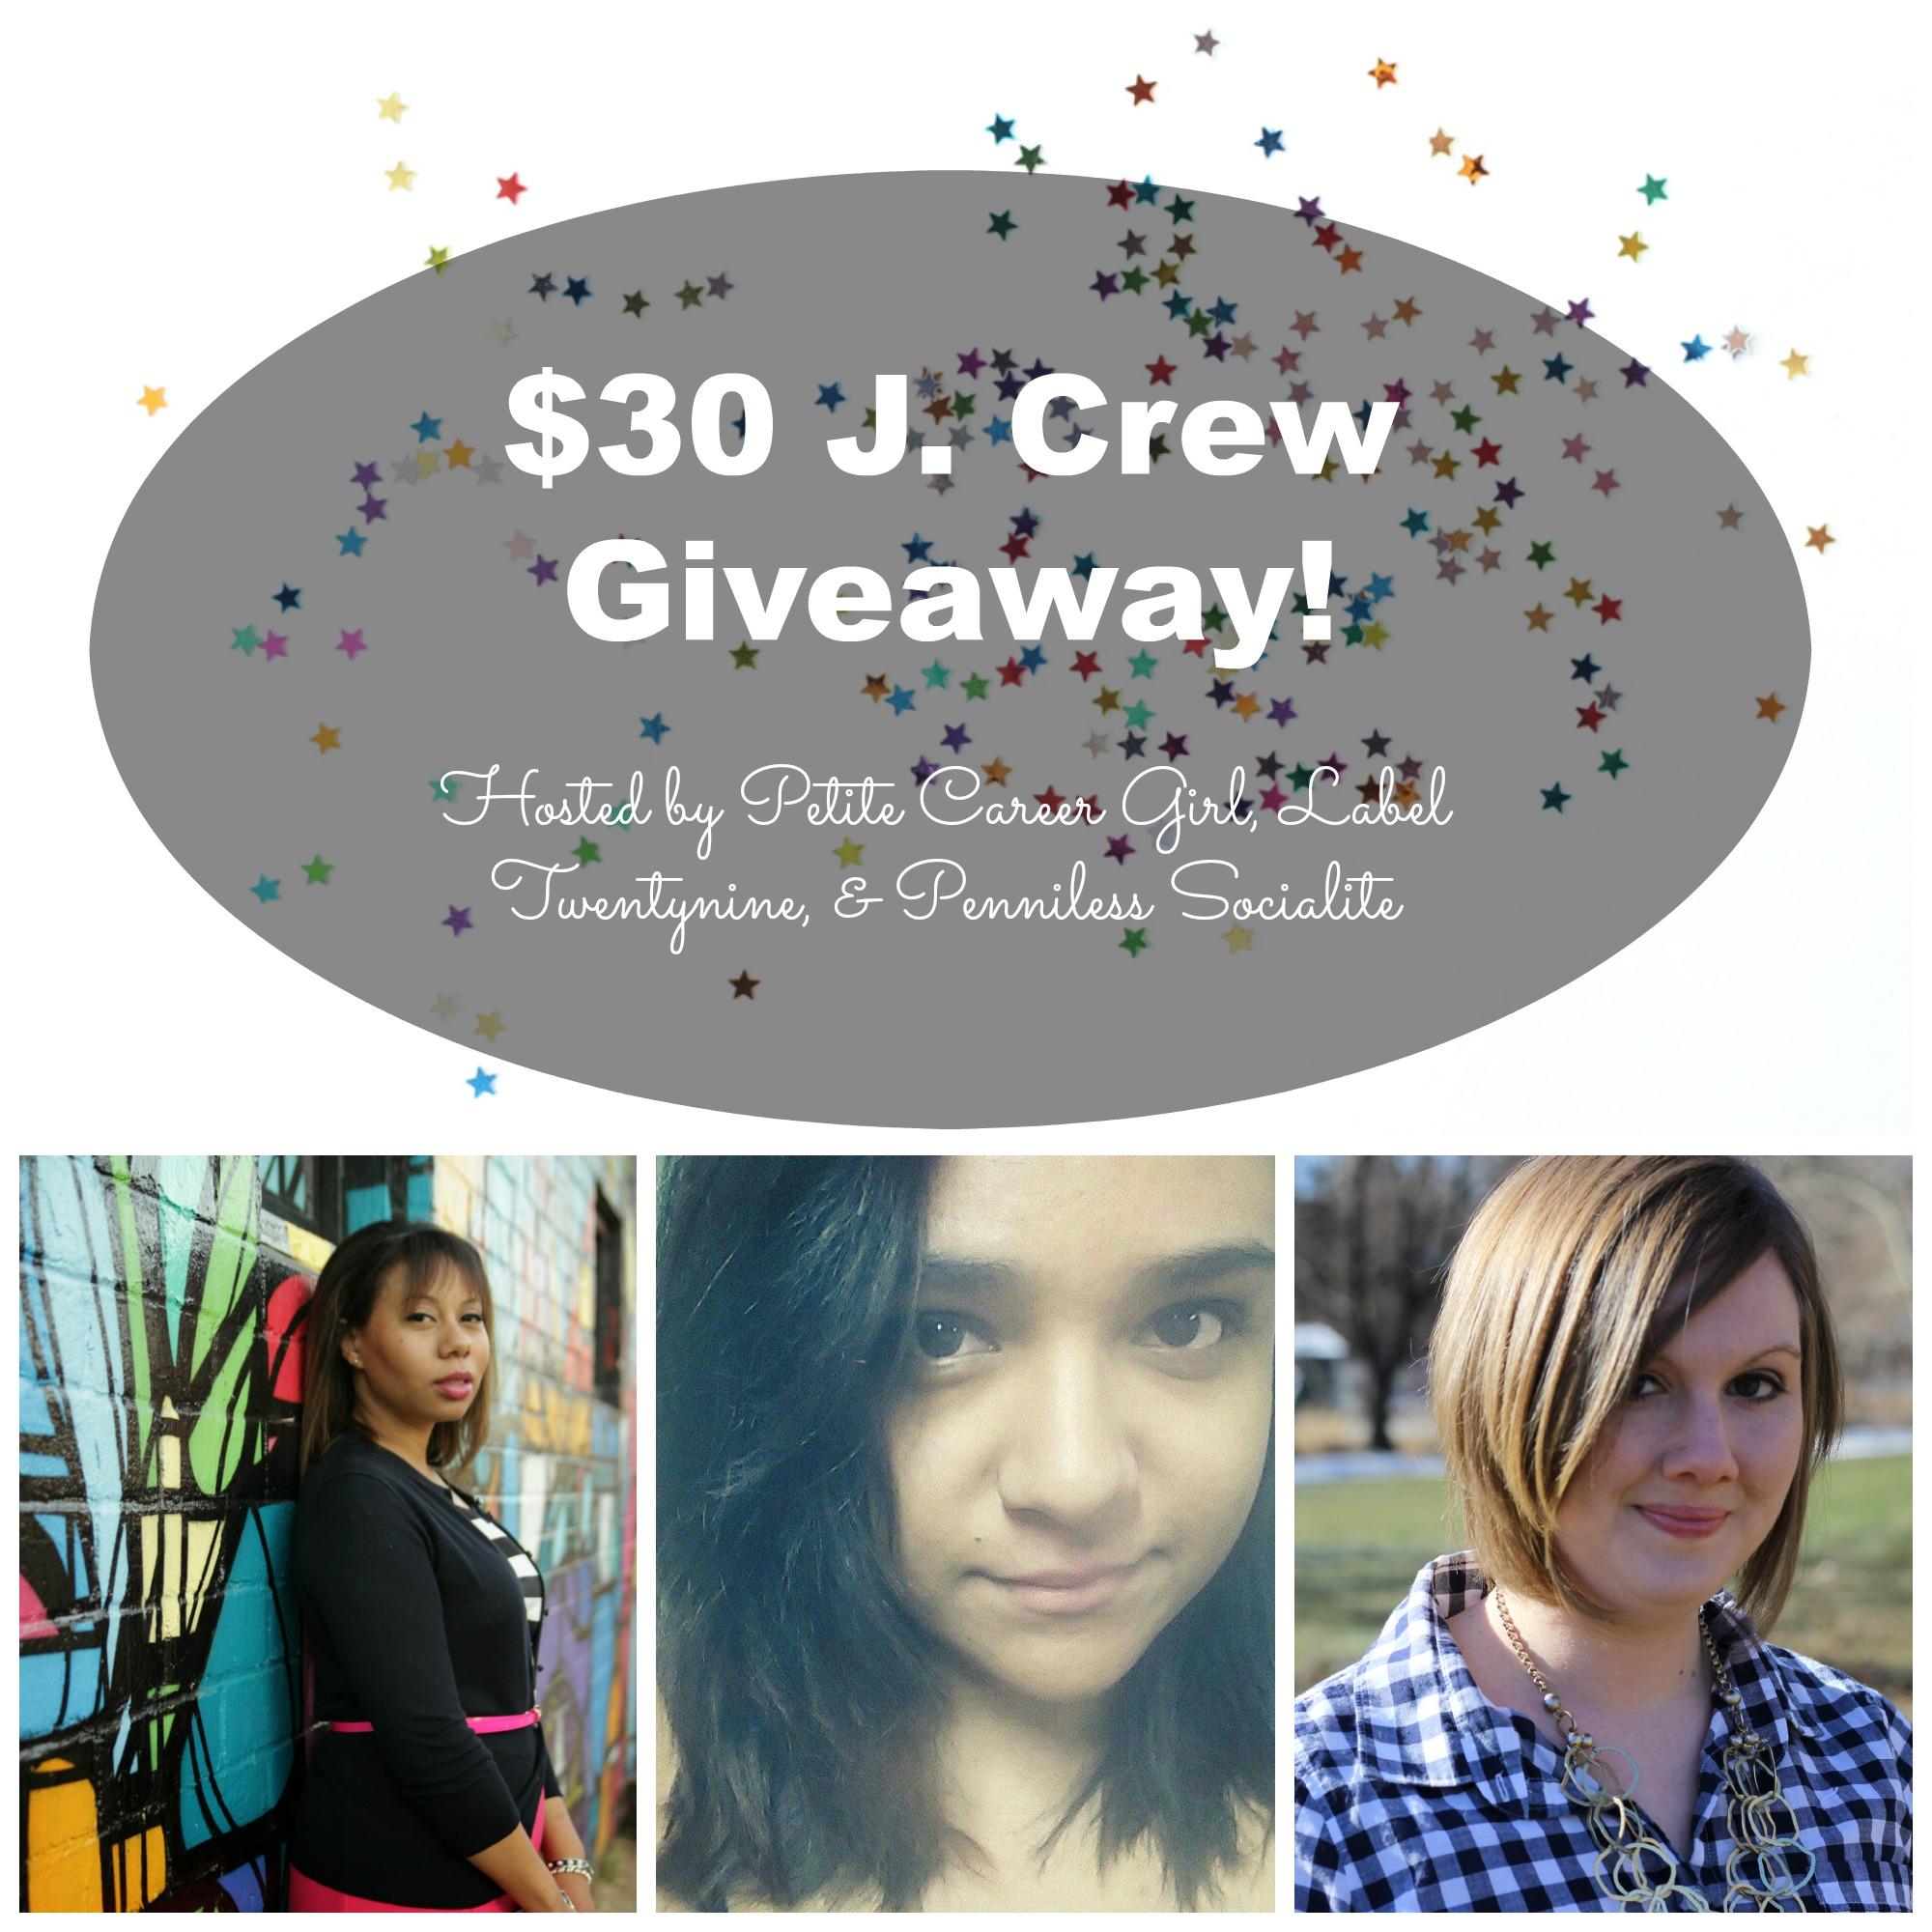 $30 J Crew Giveaway